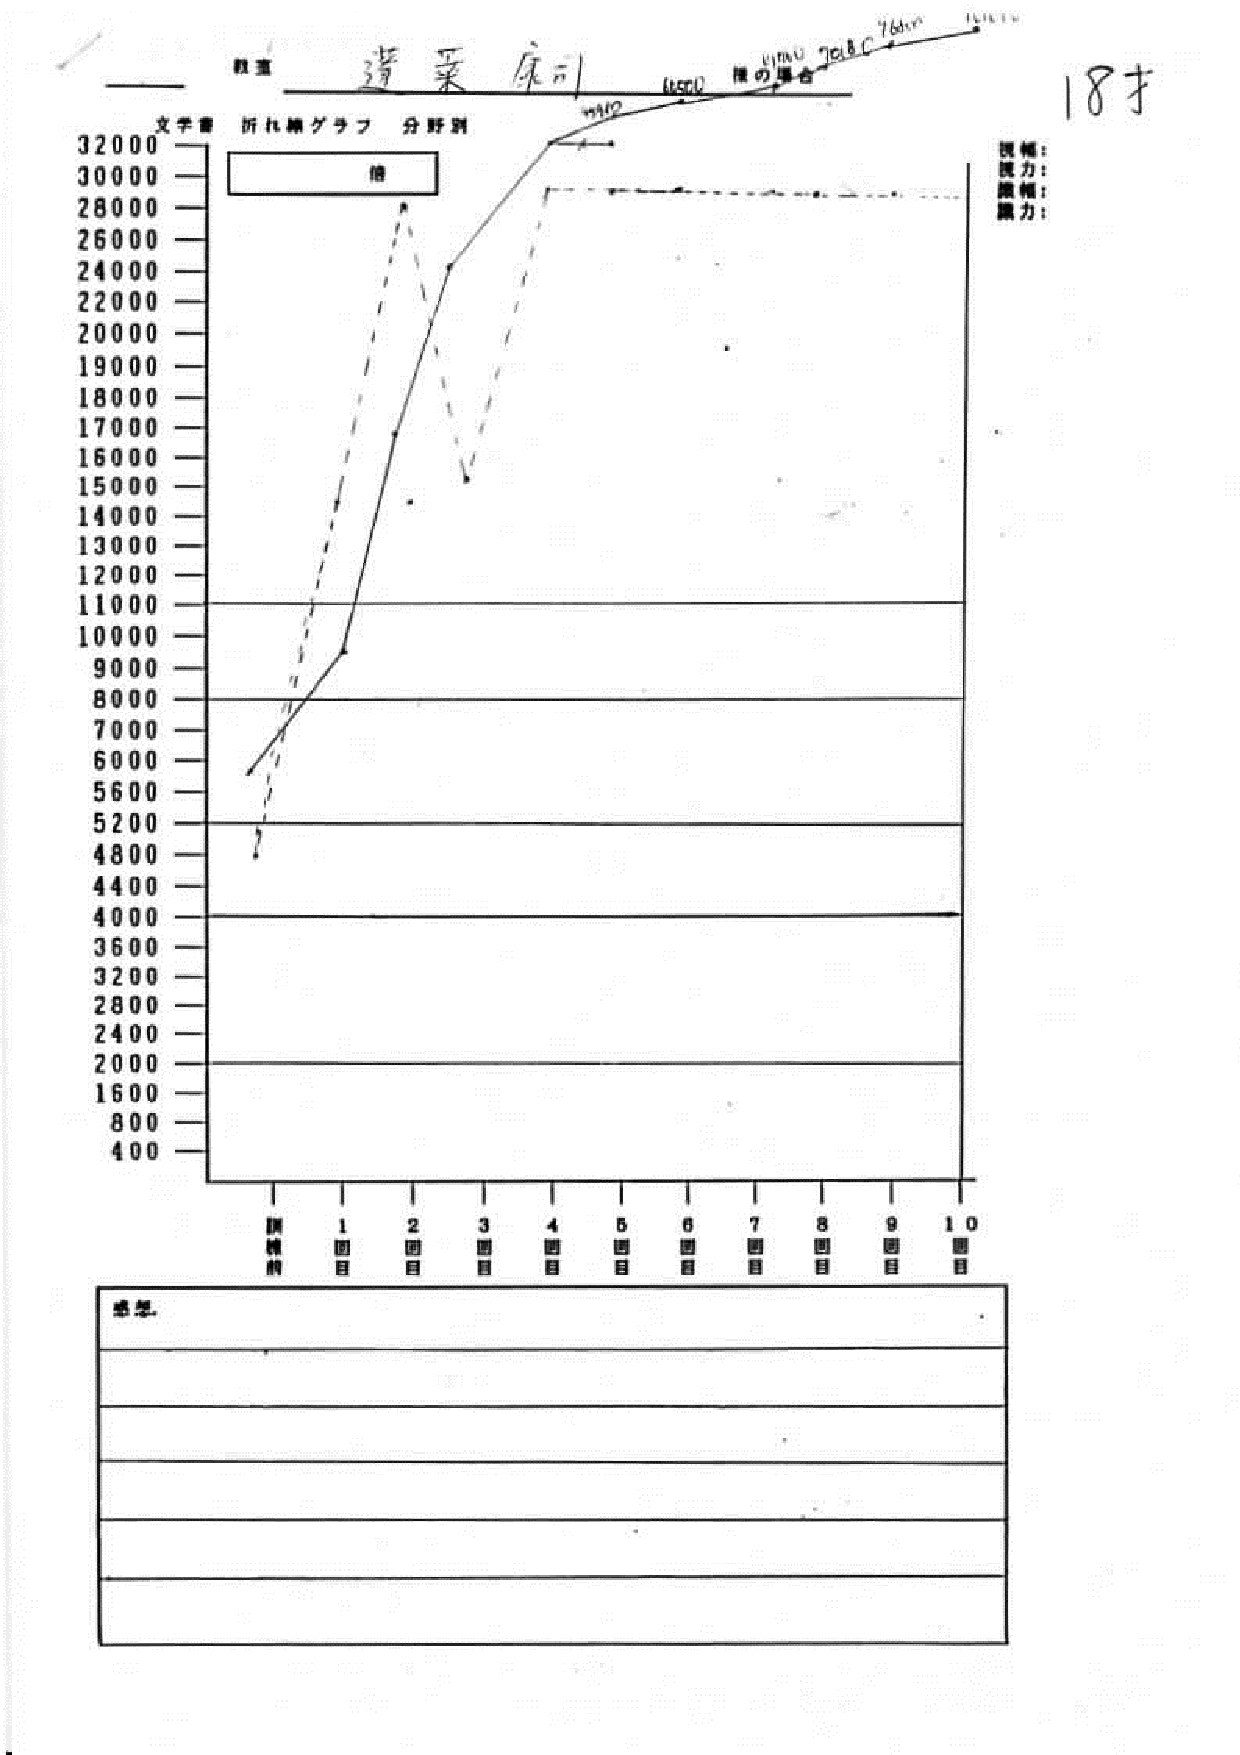 蓬莱様グラフ